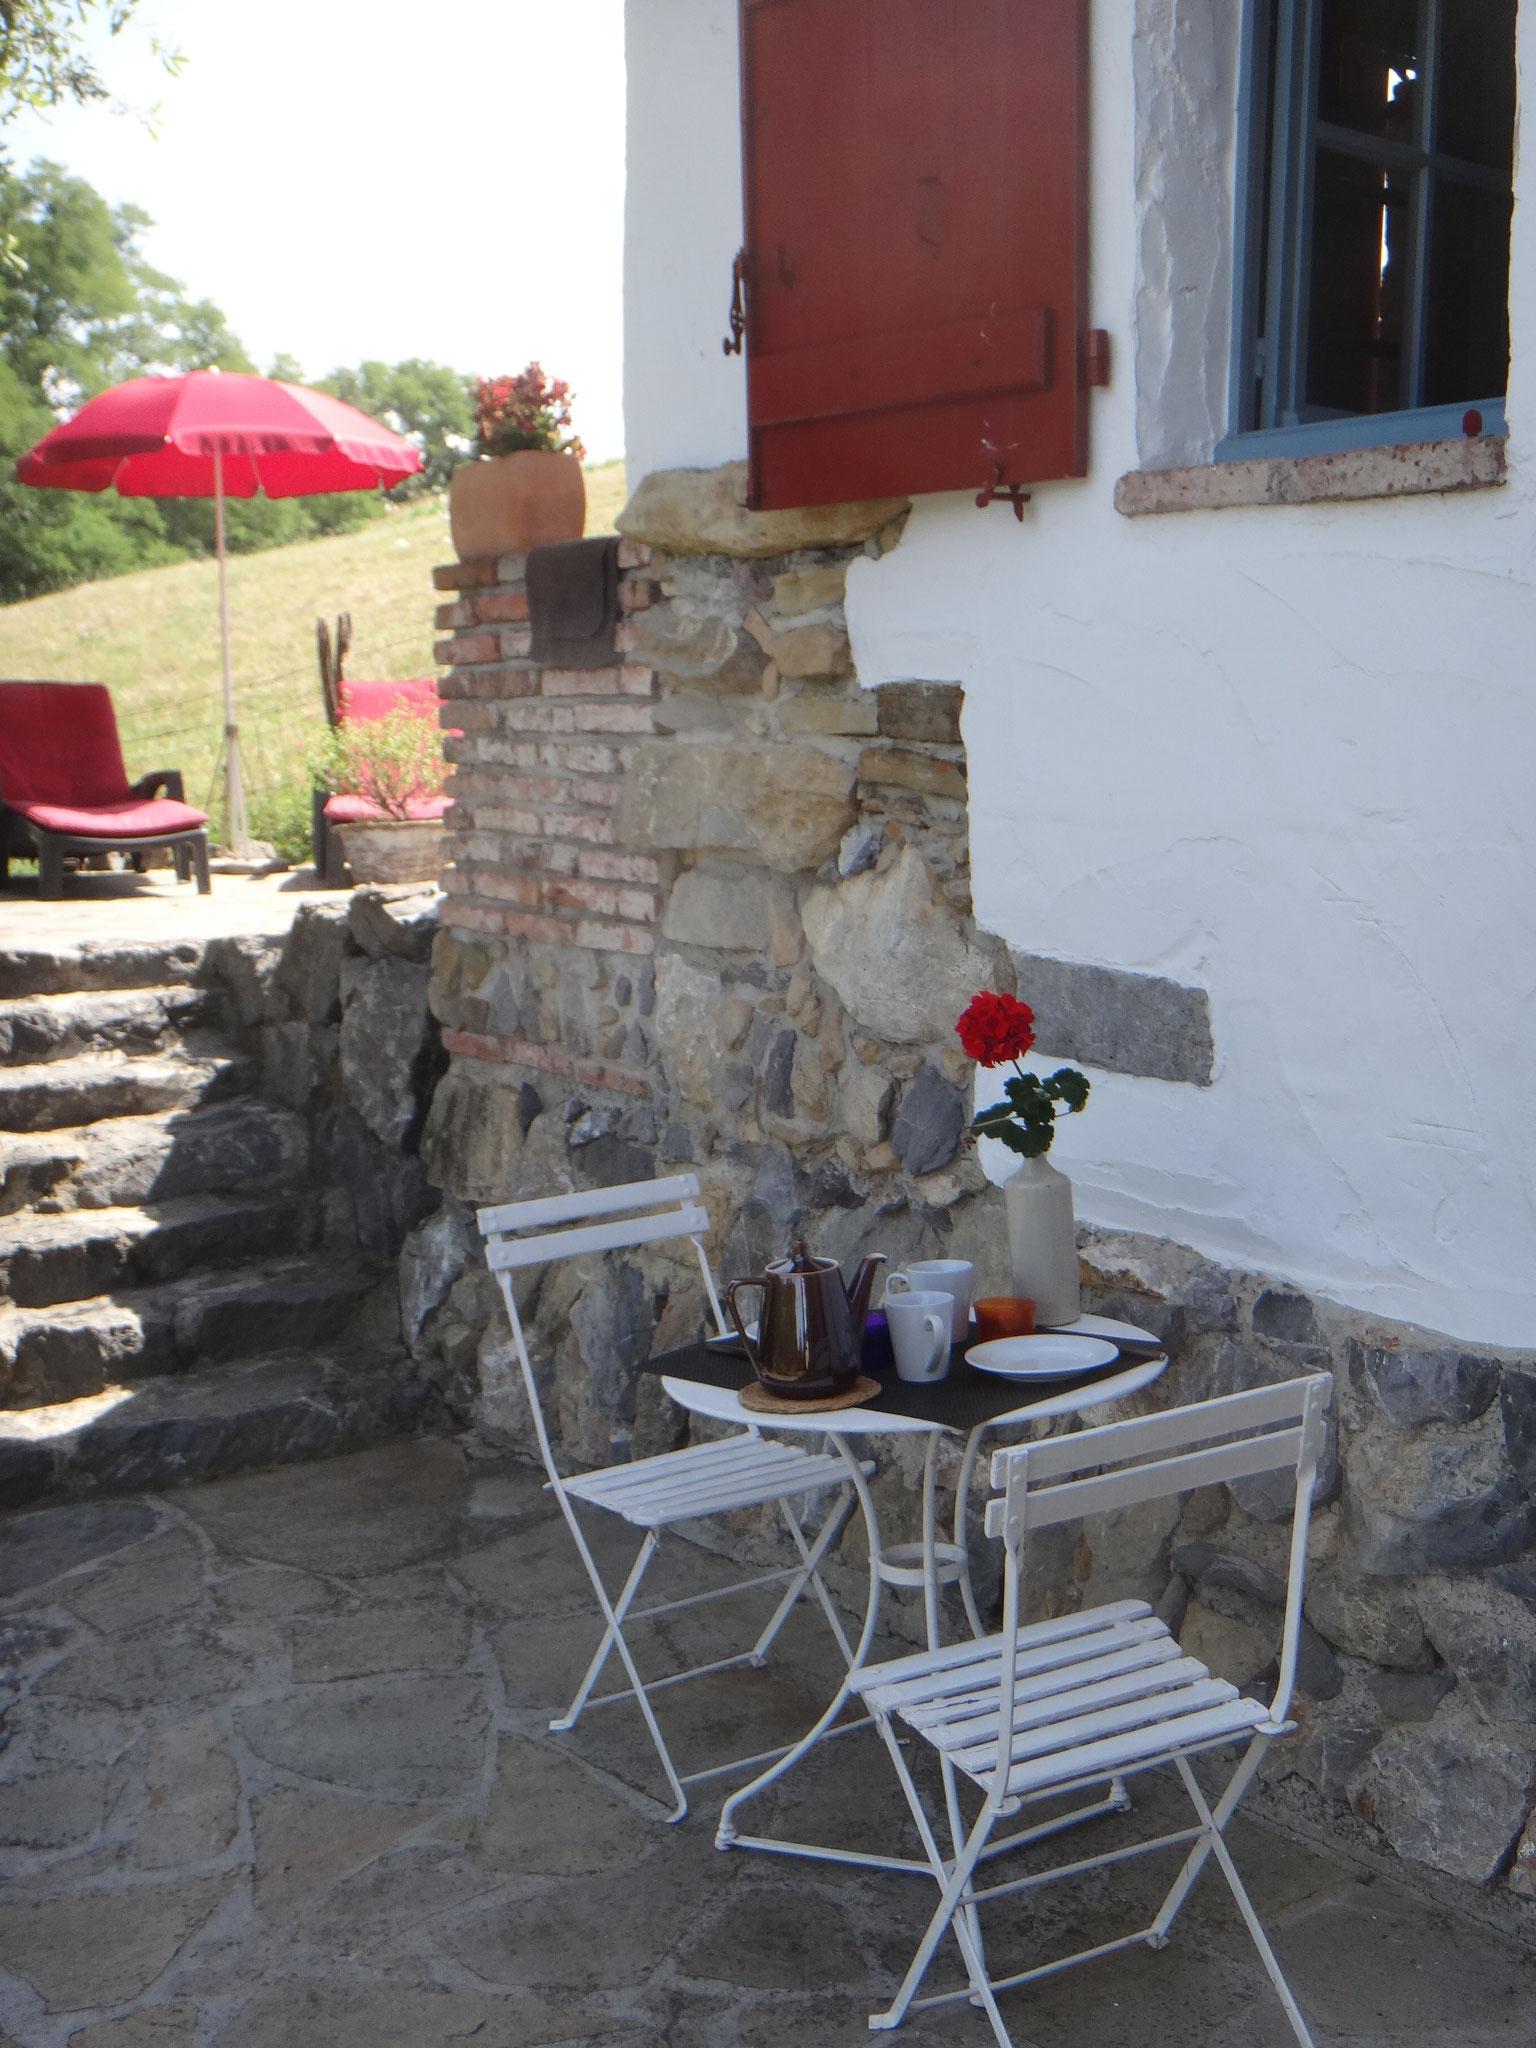 petite table pour les petits déjeuner en amoureux sur cette 2e terrasse